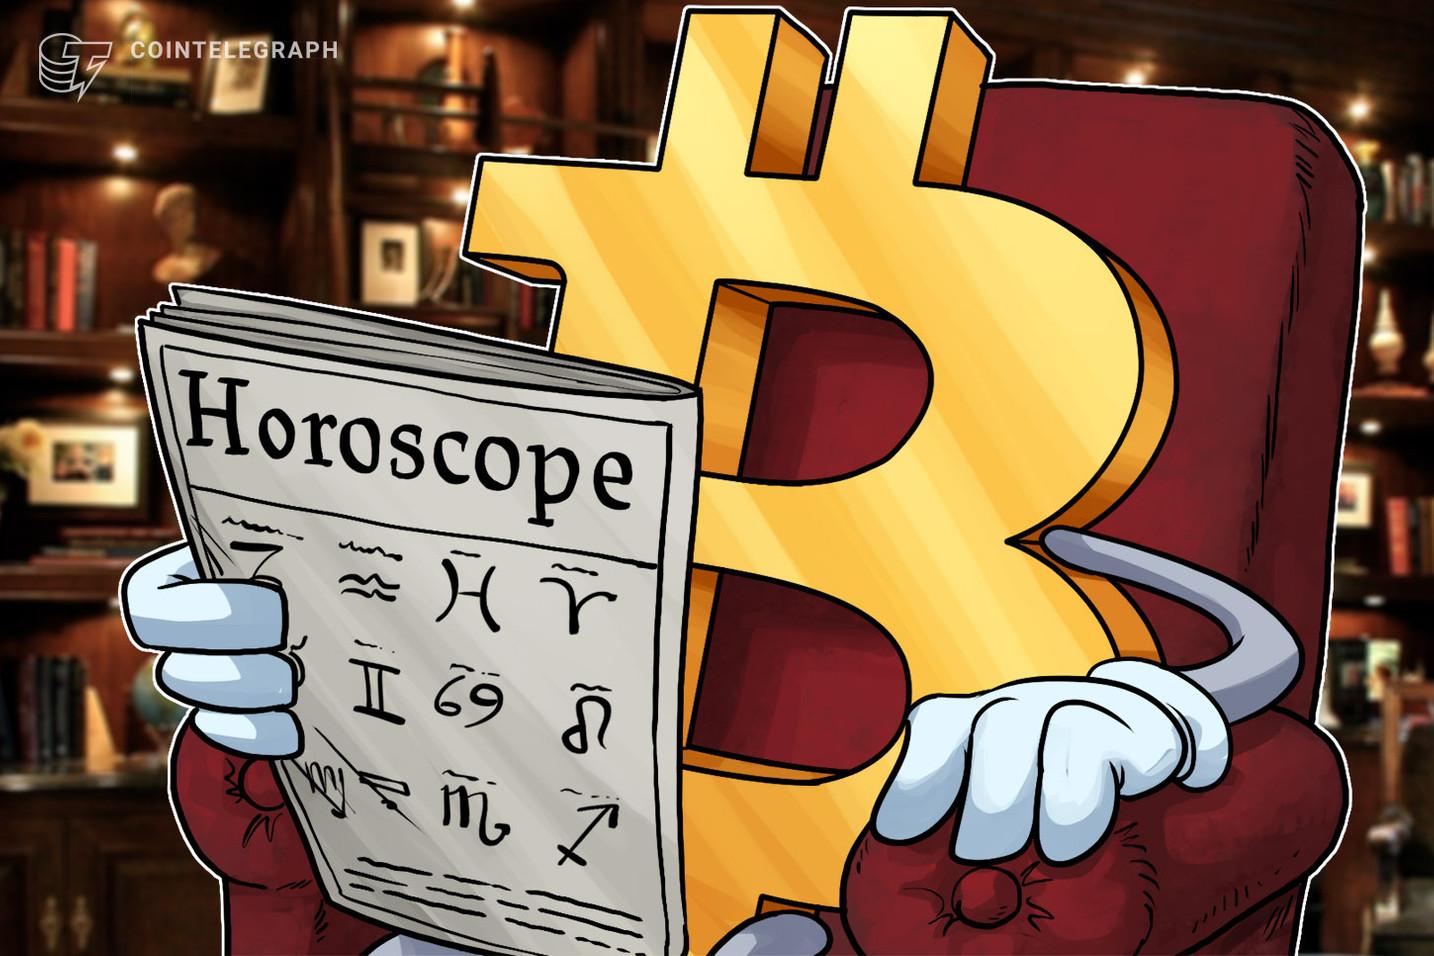 今年 ビットコイン1万ドル回復の確率は極めて低い 仮想通貨オプション分析企業が見解